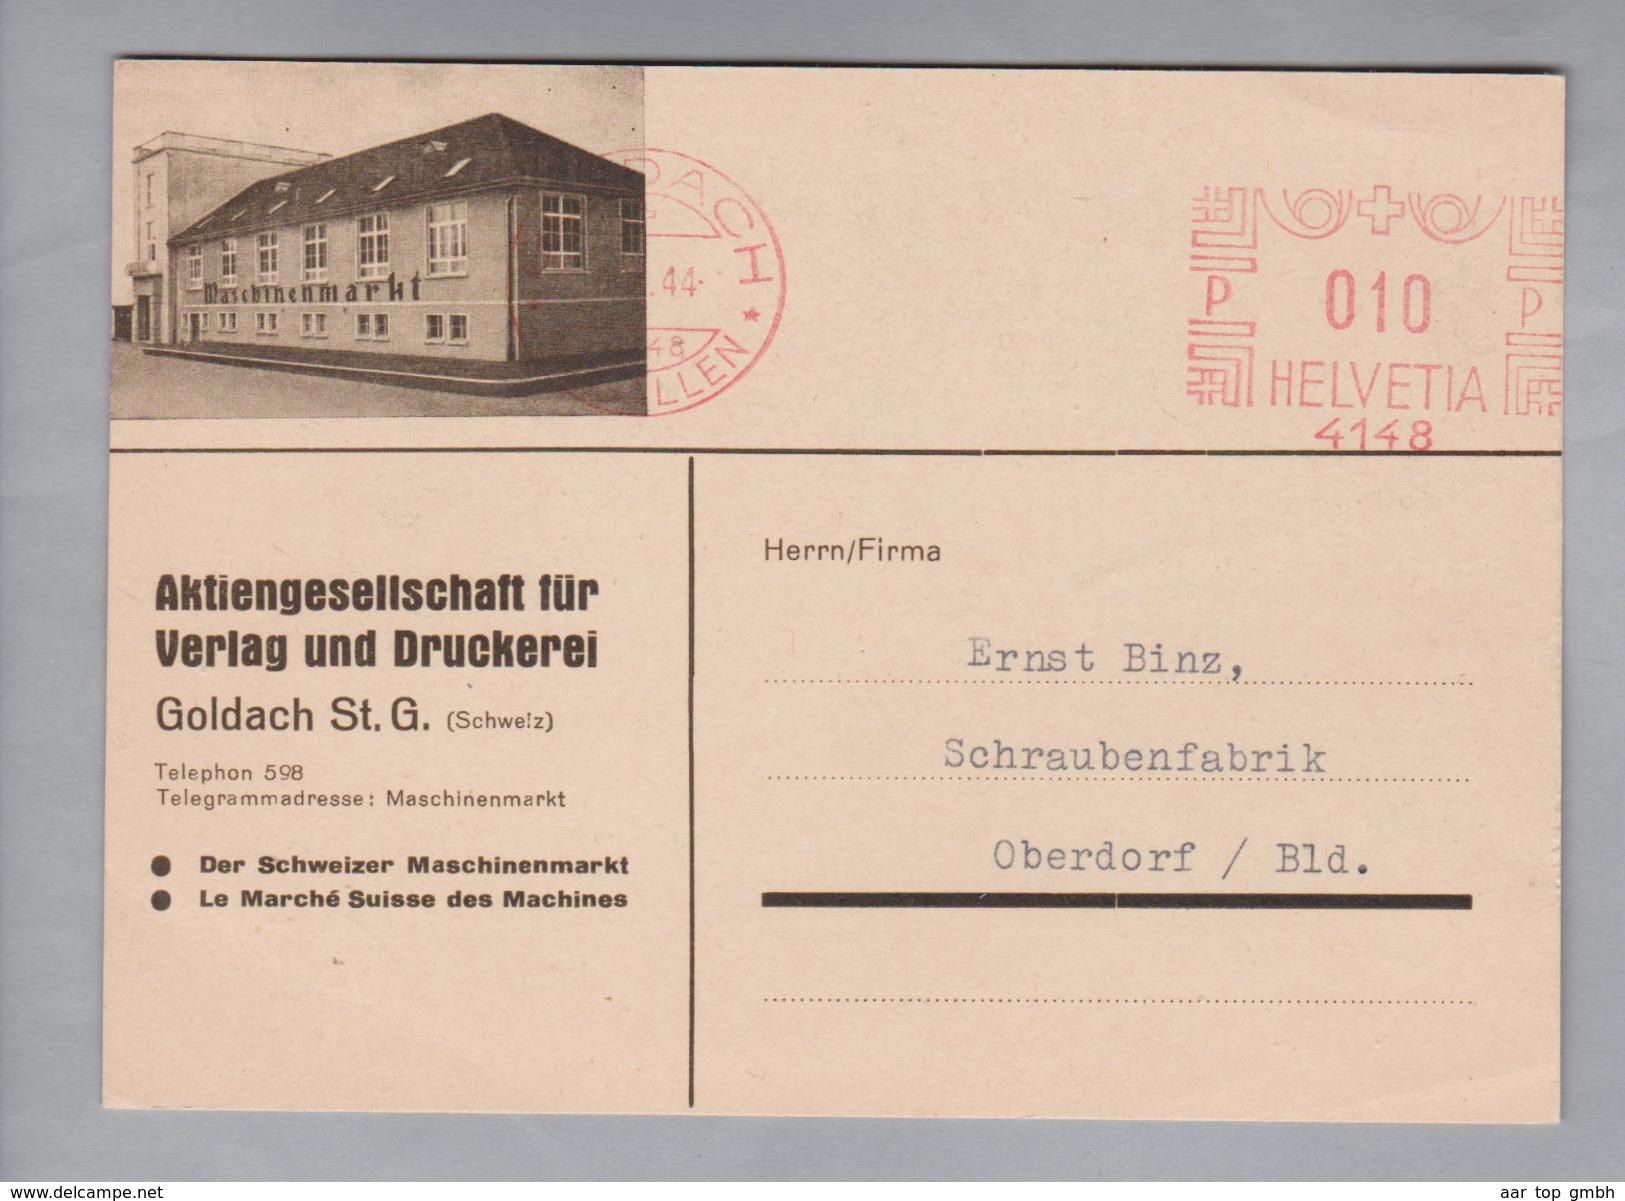 Motiv Industrie Maschinenmarkt 1944-06-06 Frei-O Auf Korresp.karte Mit Foto - Usines & Industries